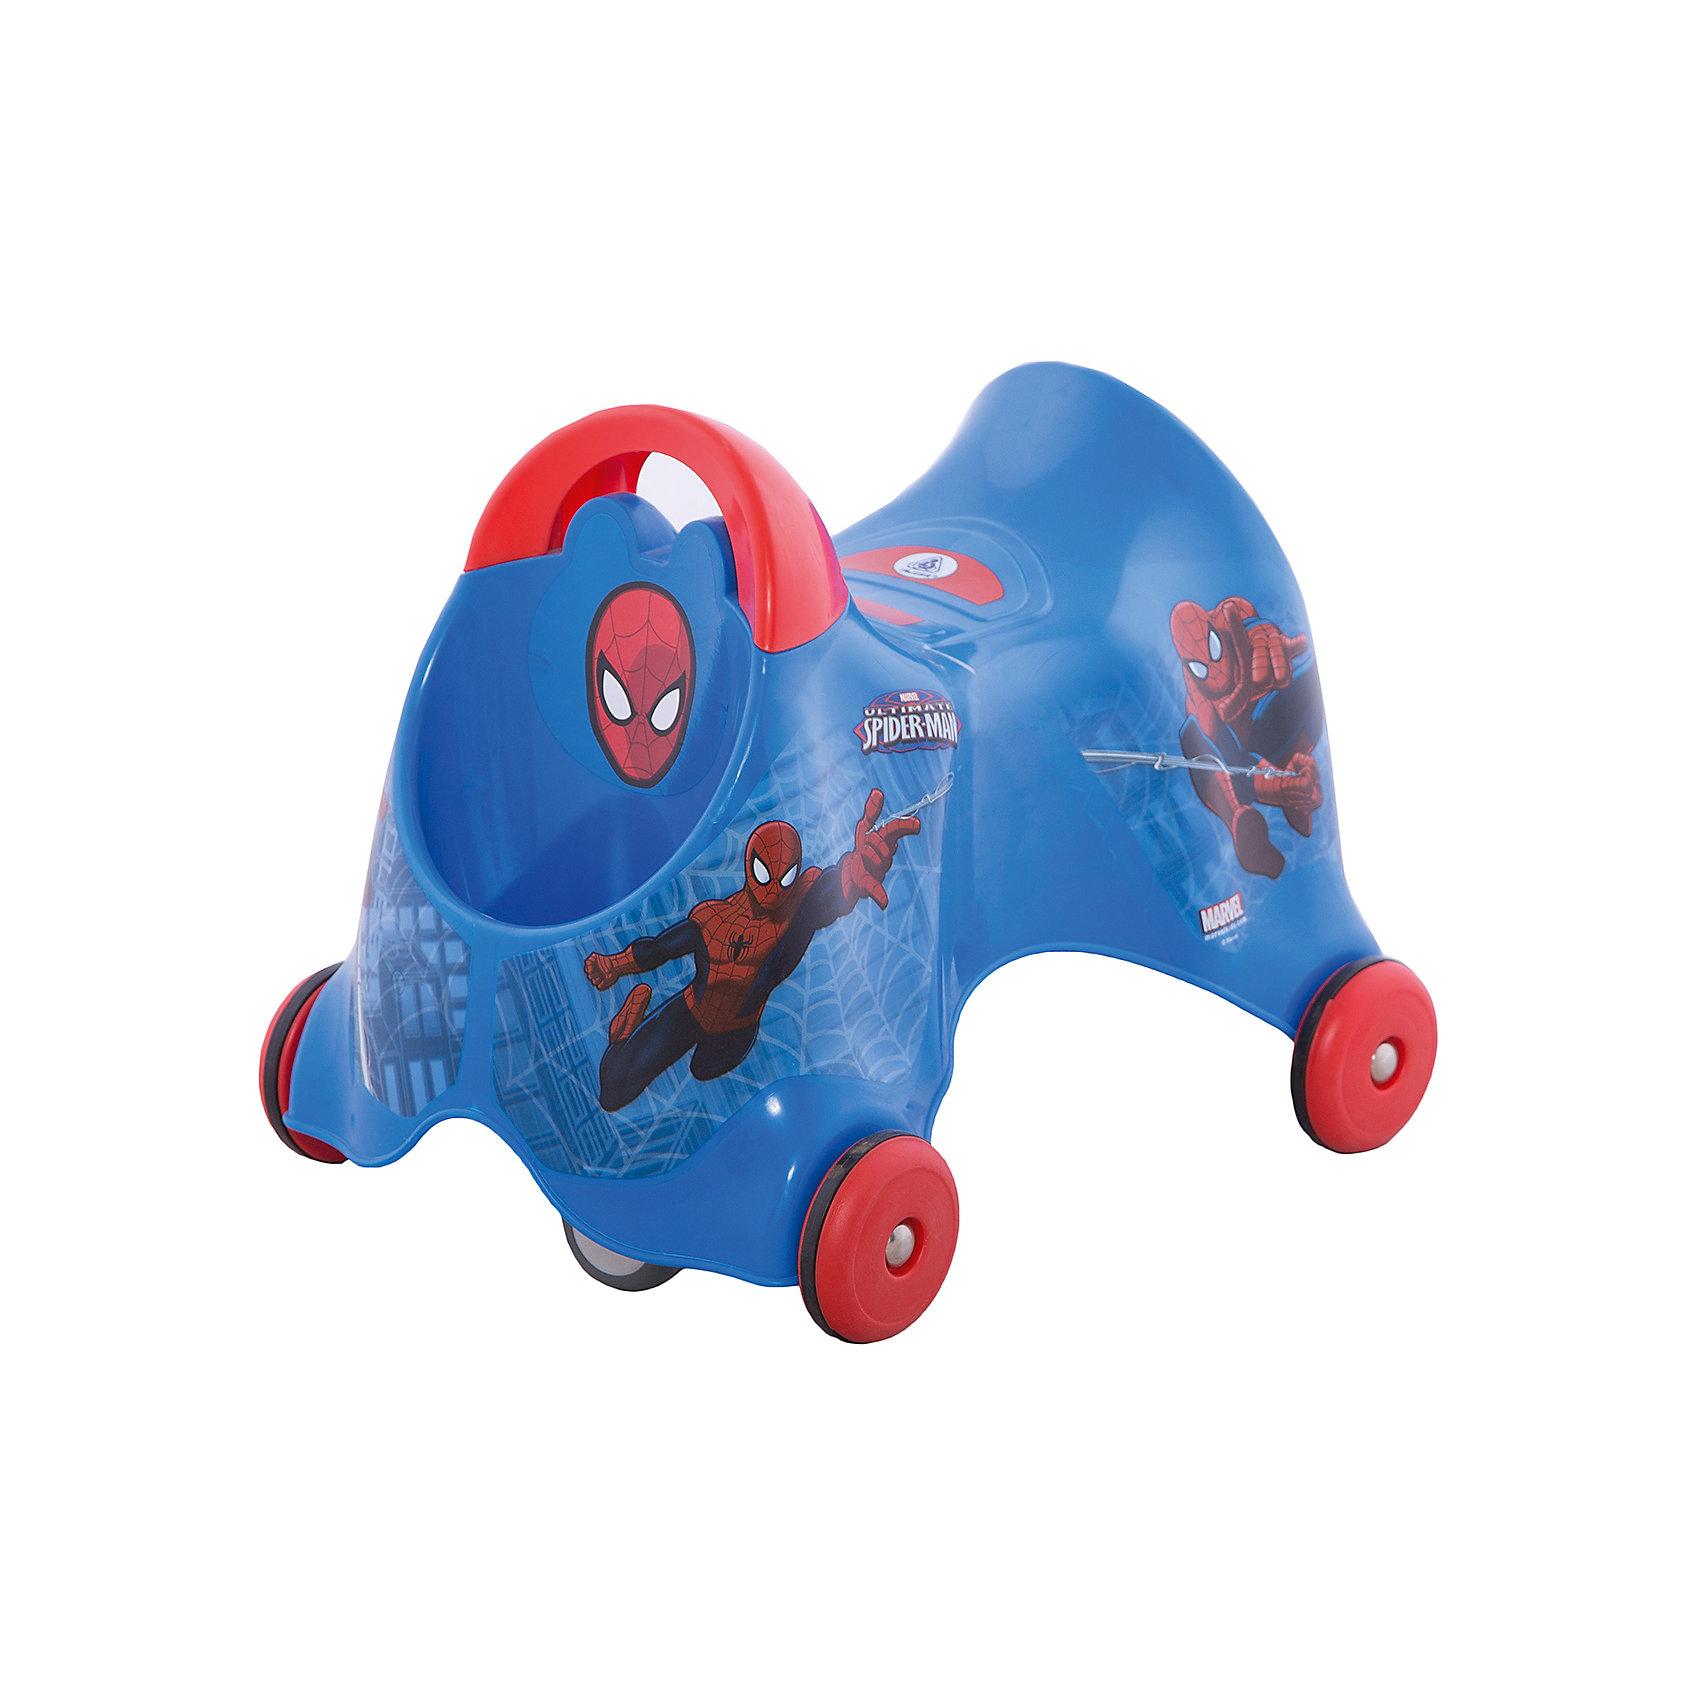 Каталка Человек-Паук, InjusaЭта каталка разработана специально для самых маленьких. Она поможет малышам делать свои первые шаги! С помощью каталки ребенок будет активнее изучать окружающий мир и развить чувство равновесия, координацию и моторику, учиться правильно использовать пространство. Благодаря четырем колесам, малыш сможет двигаться вперед-назад, а пятое двойное колесо поможет ребенку самому учиться поворачивать. Скорость движения зависит от движения ног ребенка.<br>Каталка выполнена в яркой расцветке, она произведена из высококачественных материалов. Эти материалы безопасны для ребенка. На каталке есть небольшой багажник. Она очень легко моется и весит всего один килограмм. Каталка украшена изображением Человека-Паука, которого так любят мальчишки.<br><br>Дополнительная информация:<br><br>цвет: синий;<br>материал: пластик;<br>размер: 30*42*31 см;<br>вес: 1 кг.<br><br>Каталку Человек-Паук от марки Injusa можно купить в нашем магазине.<br><br>Ширина мм: 300<br>Глубина мм: 420<br>Высота мм: 310<br>Вес г: 8450<br>Возраст от месяцев: 180<br>Возраст до месяцев: 36<br>Пол: Мужской<br>Возраст: Детский<br>SKU: 4715380